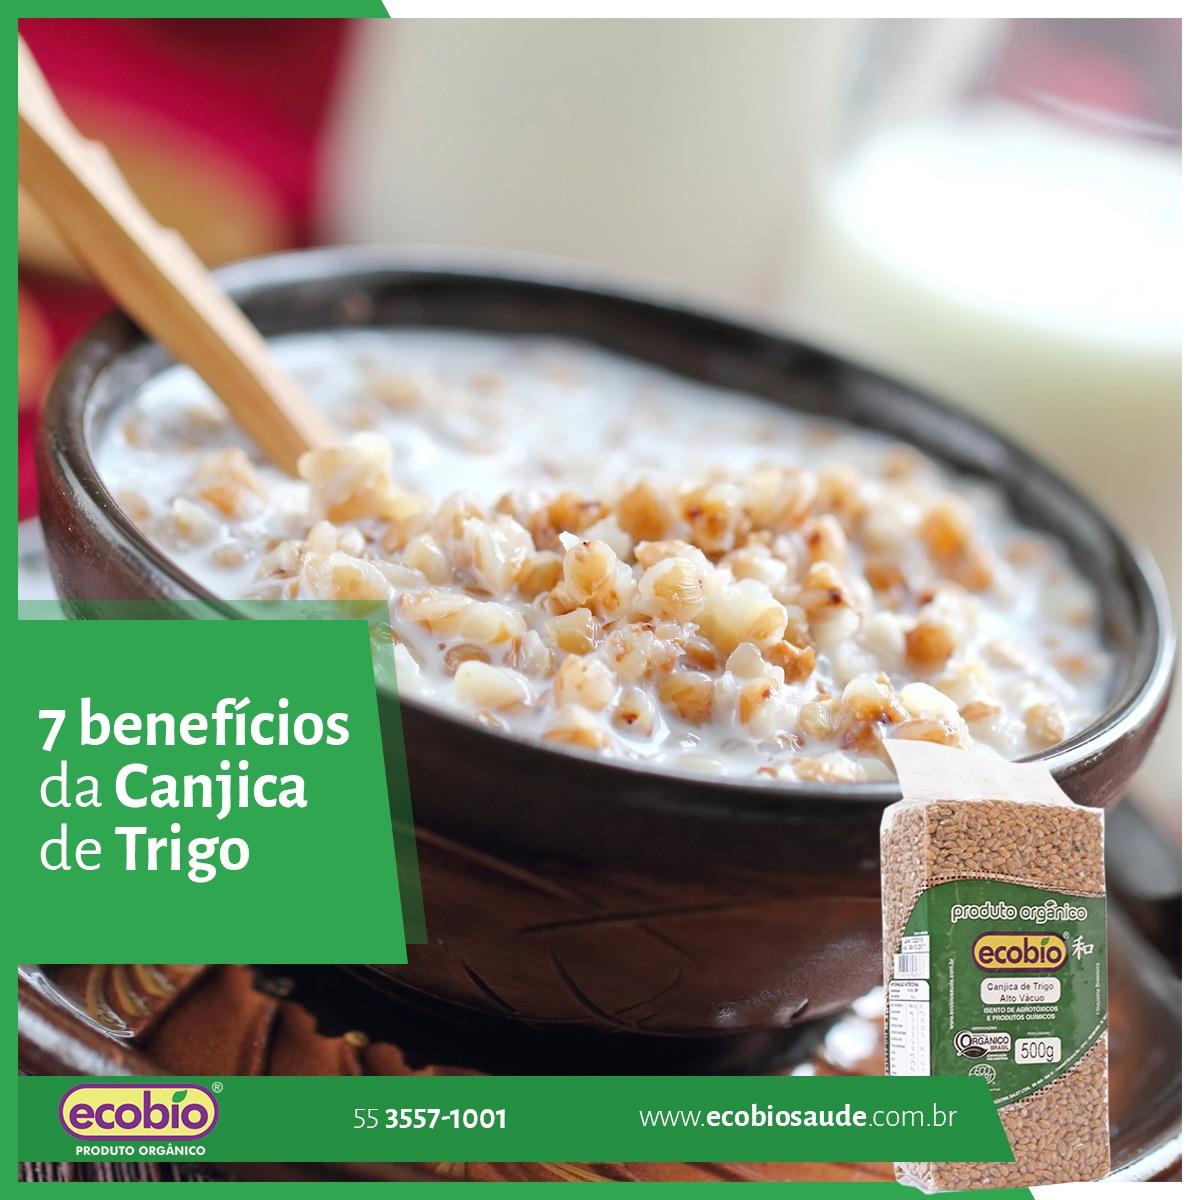 7 benefícios da Canjica de Trigo